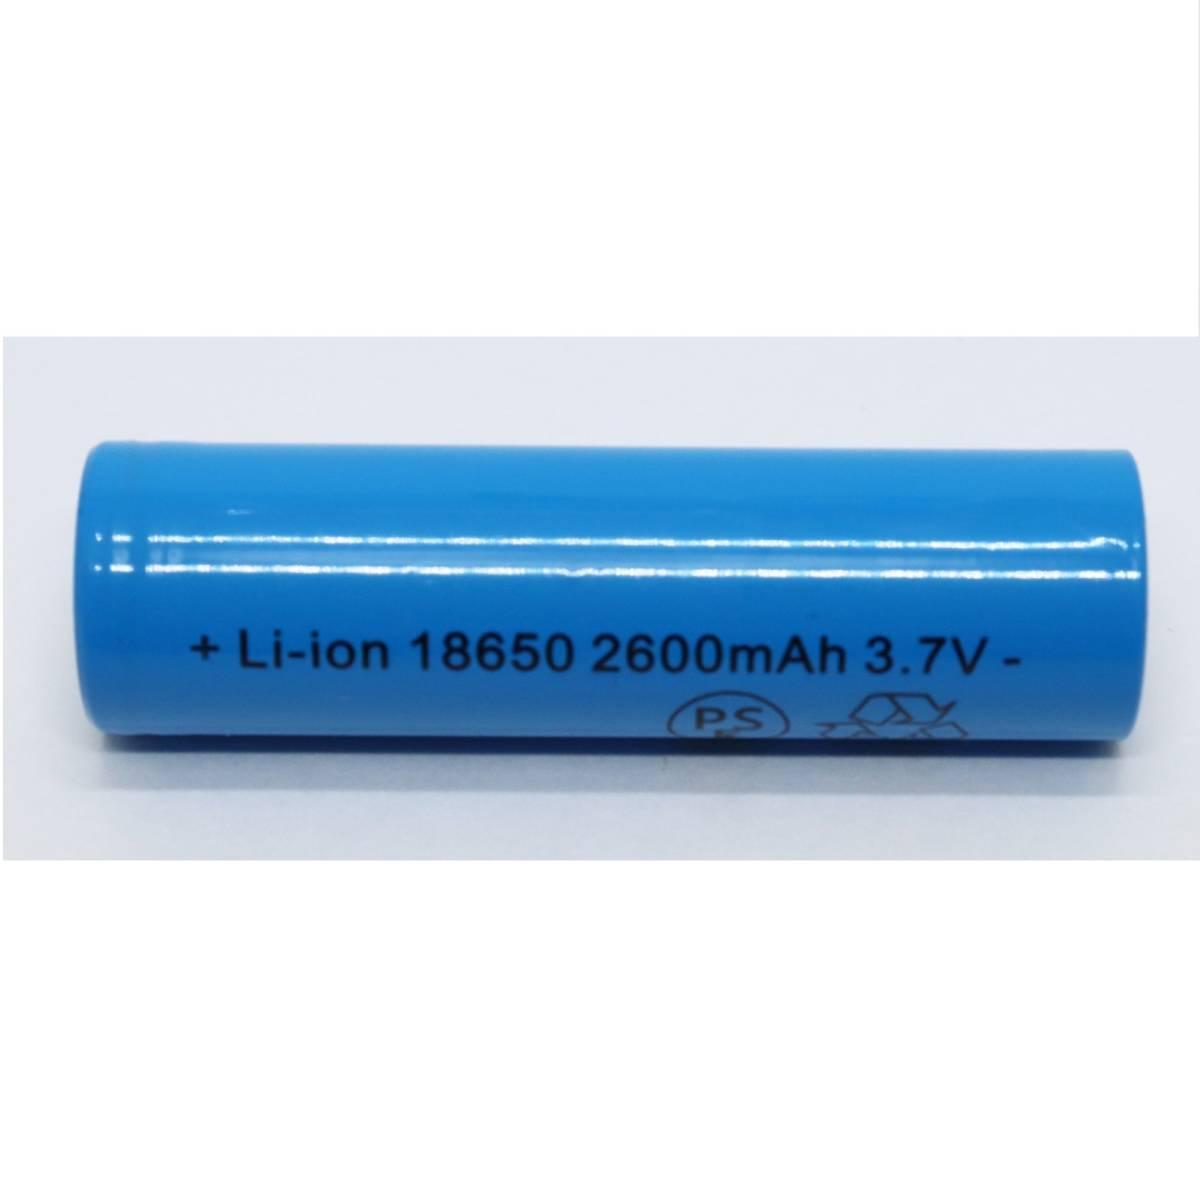 ★65.5x18.2mm 18650 フラット リチウムイオン 充電池 自作 モバイルバッテリー ノートパソコン 電動ドライバー ドリル 工具 05_画像2